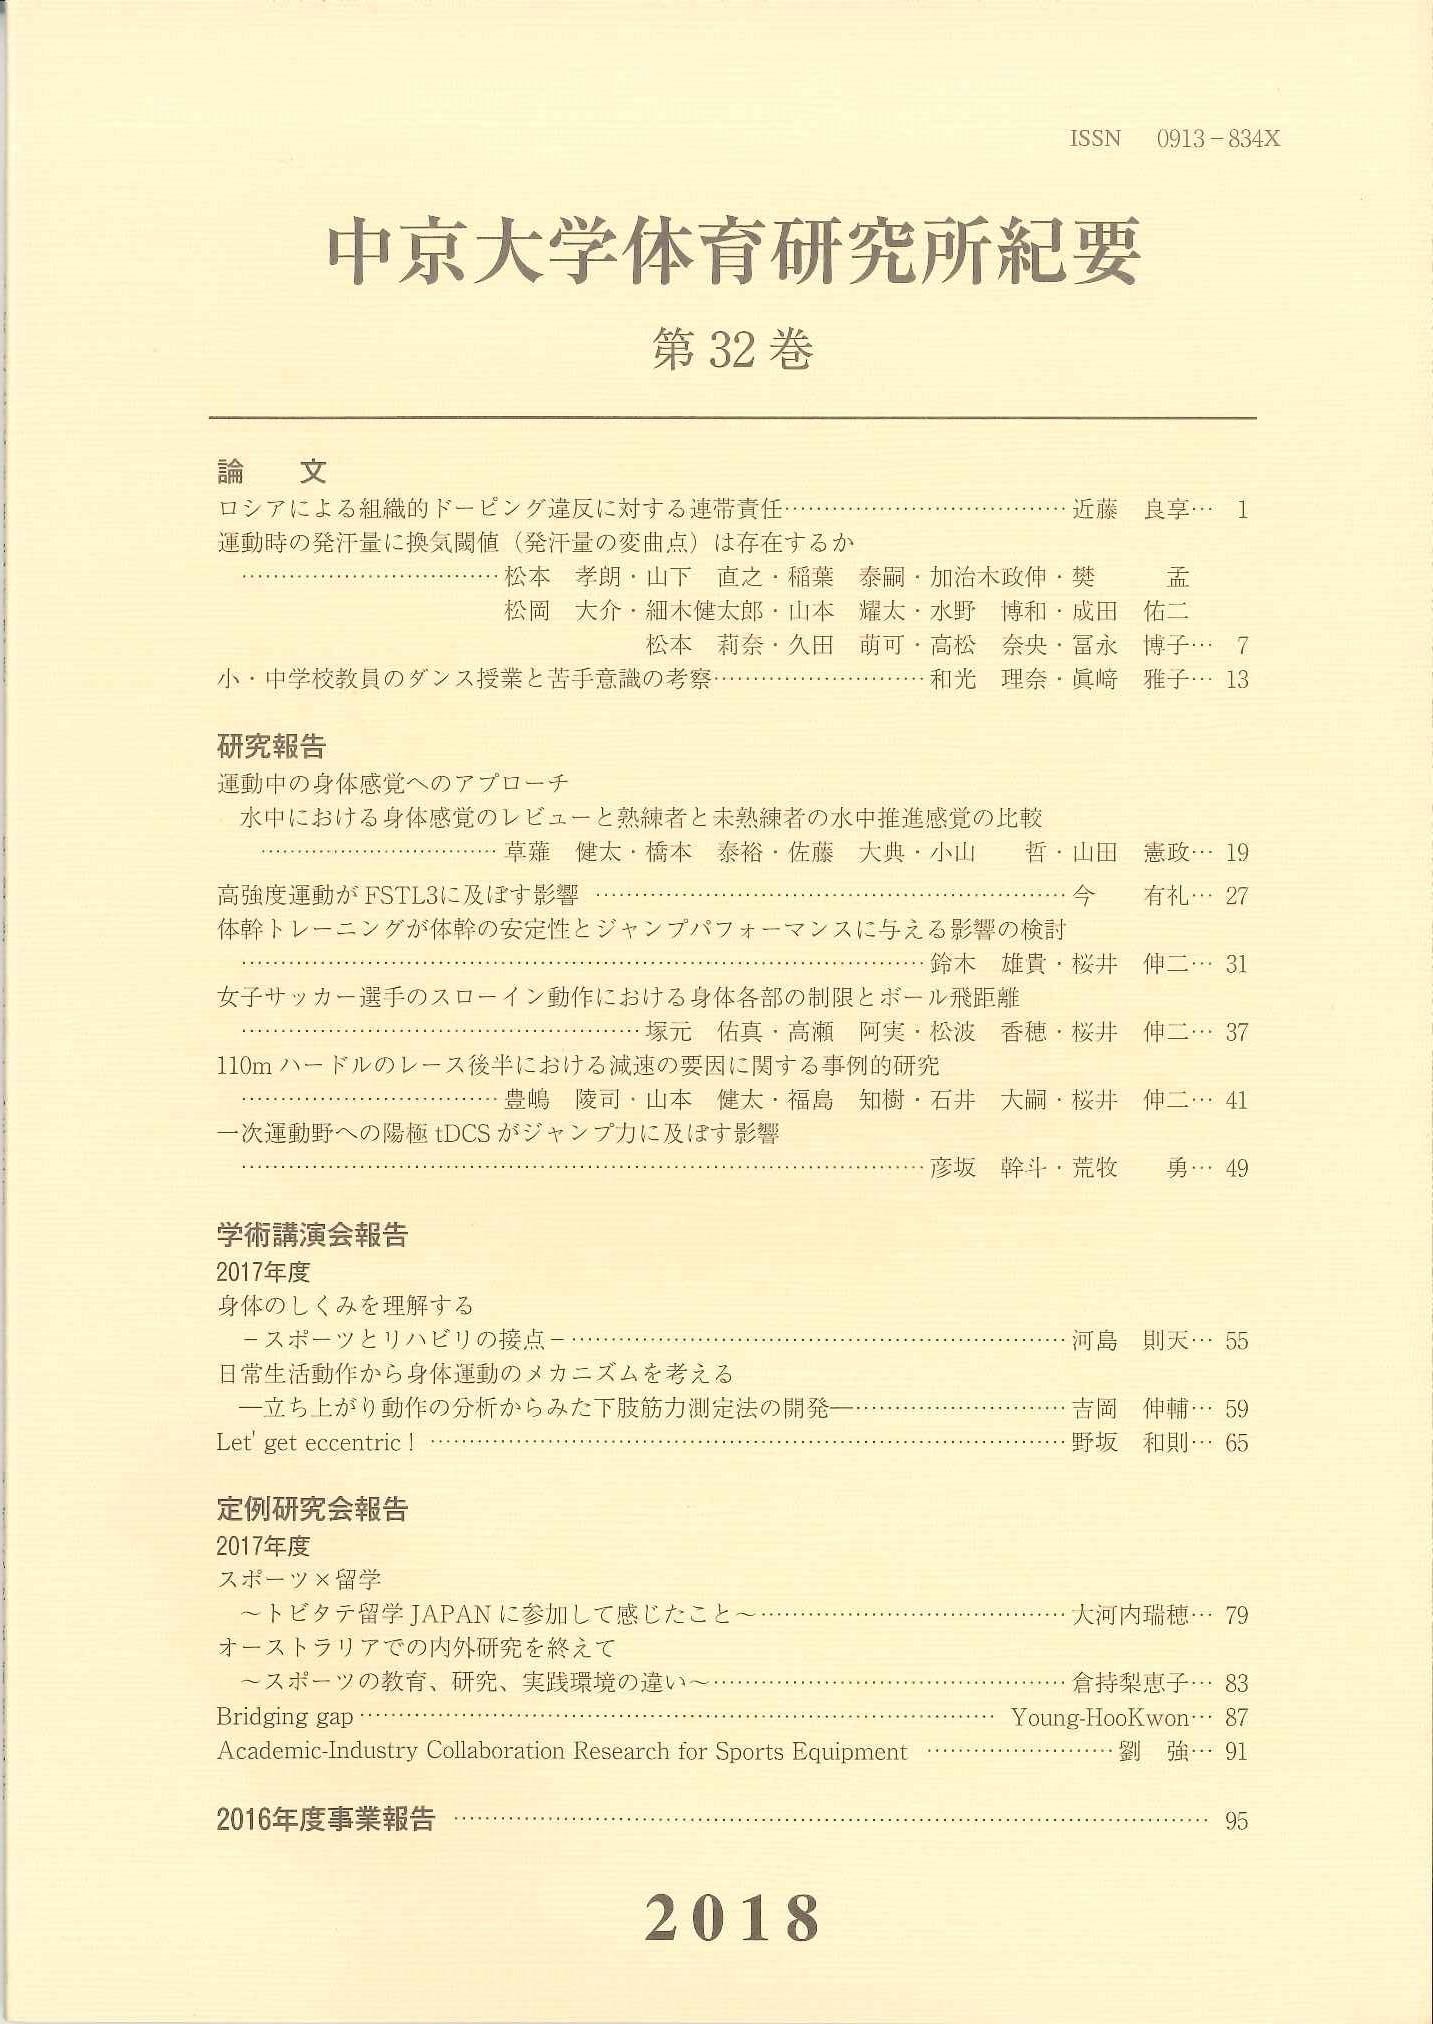 体育研究所紀要 第32巻